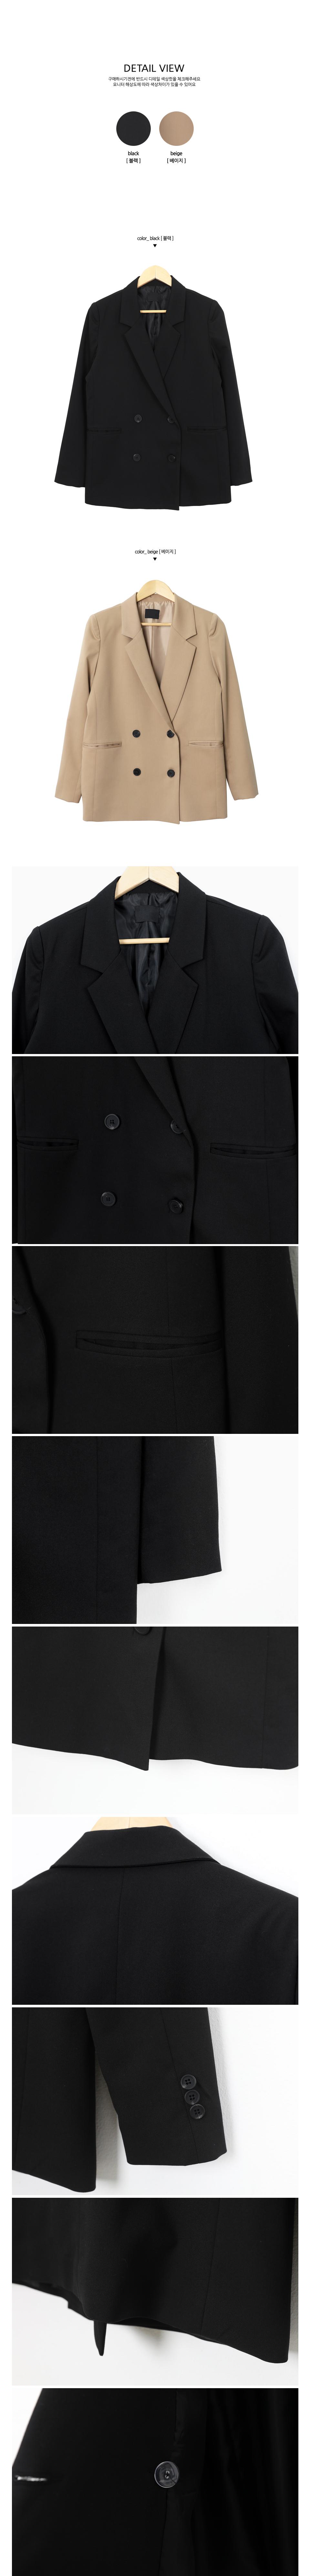 Boyfriend double jacket